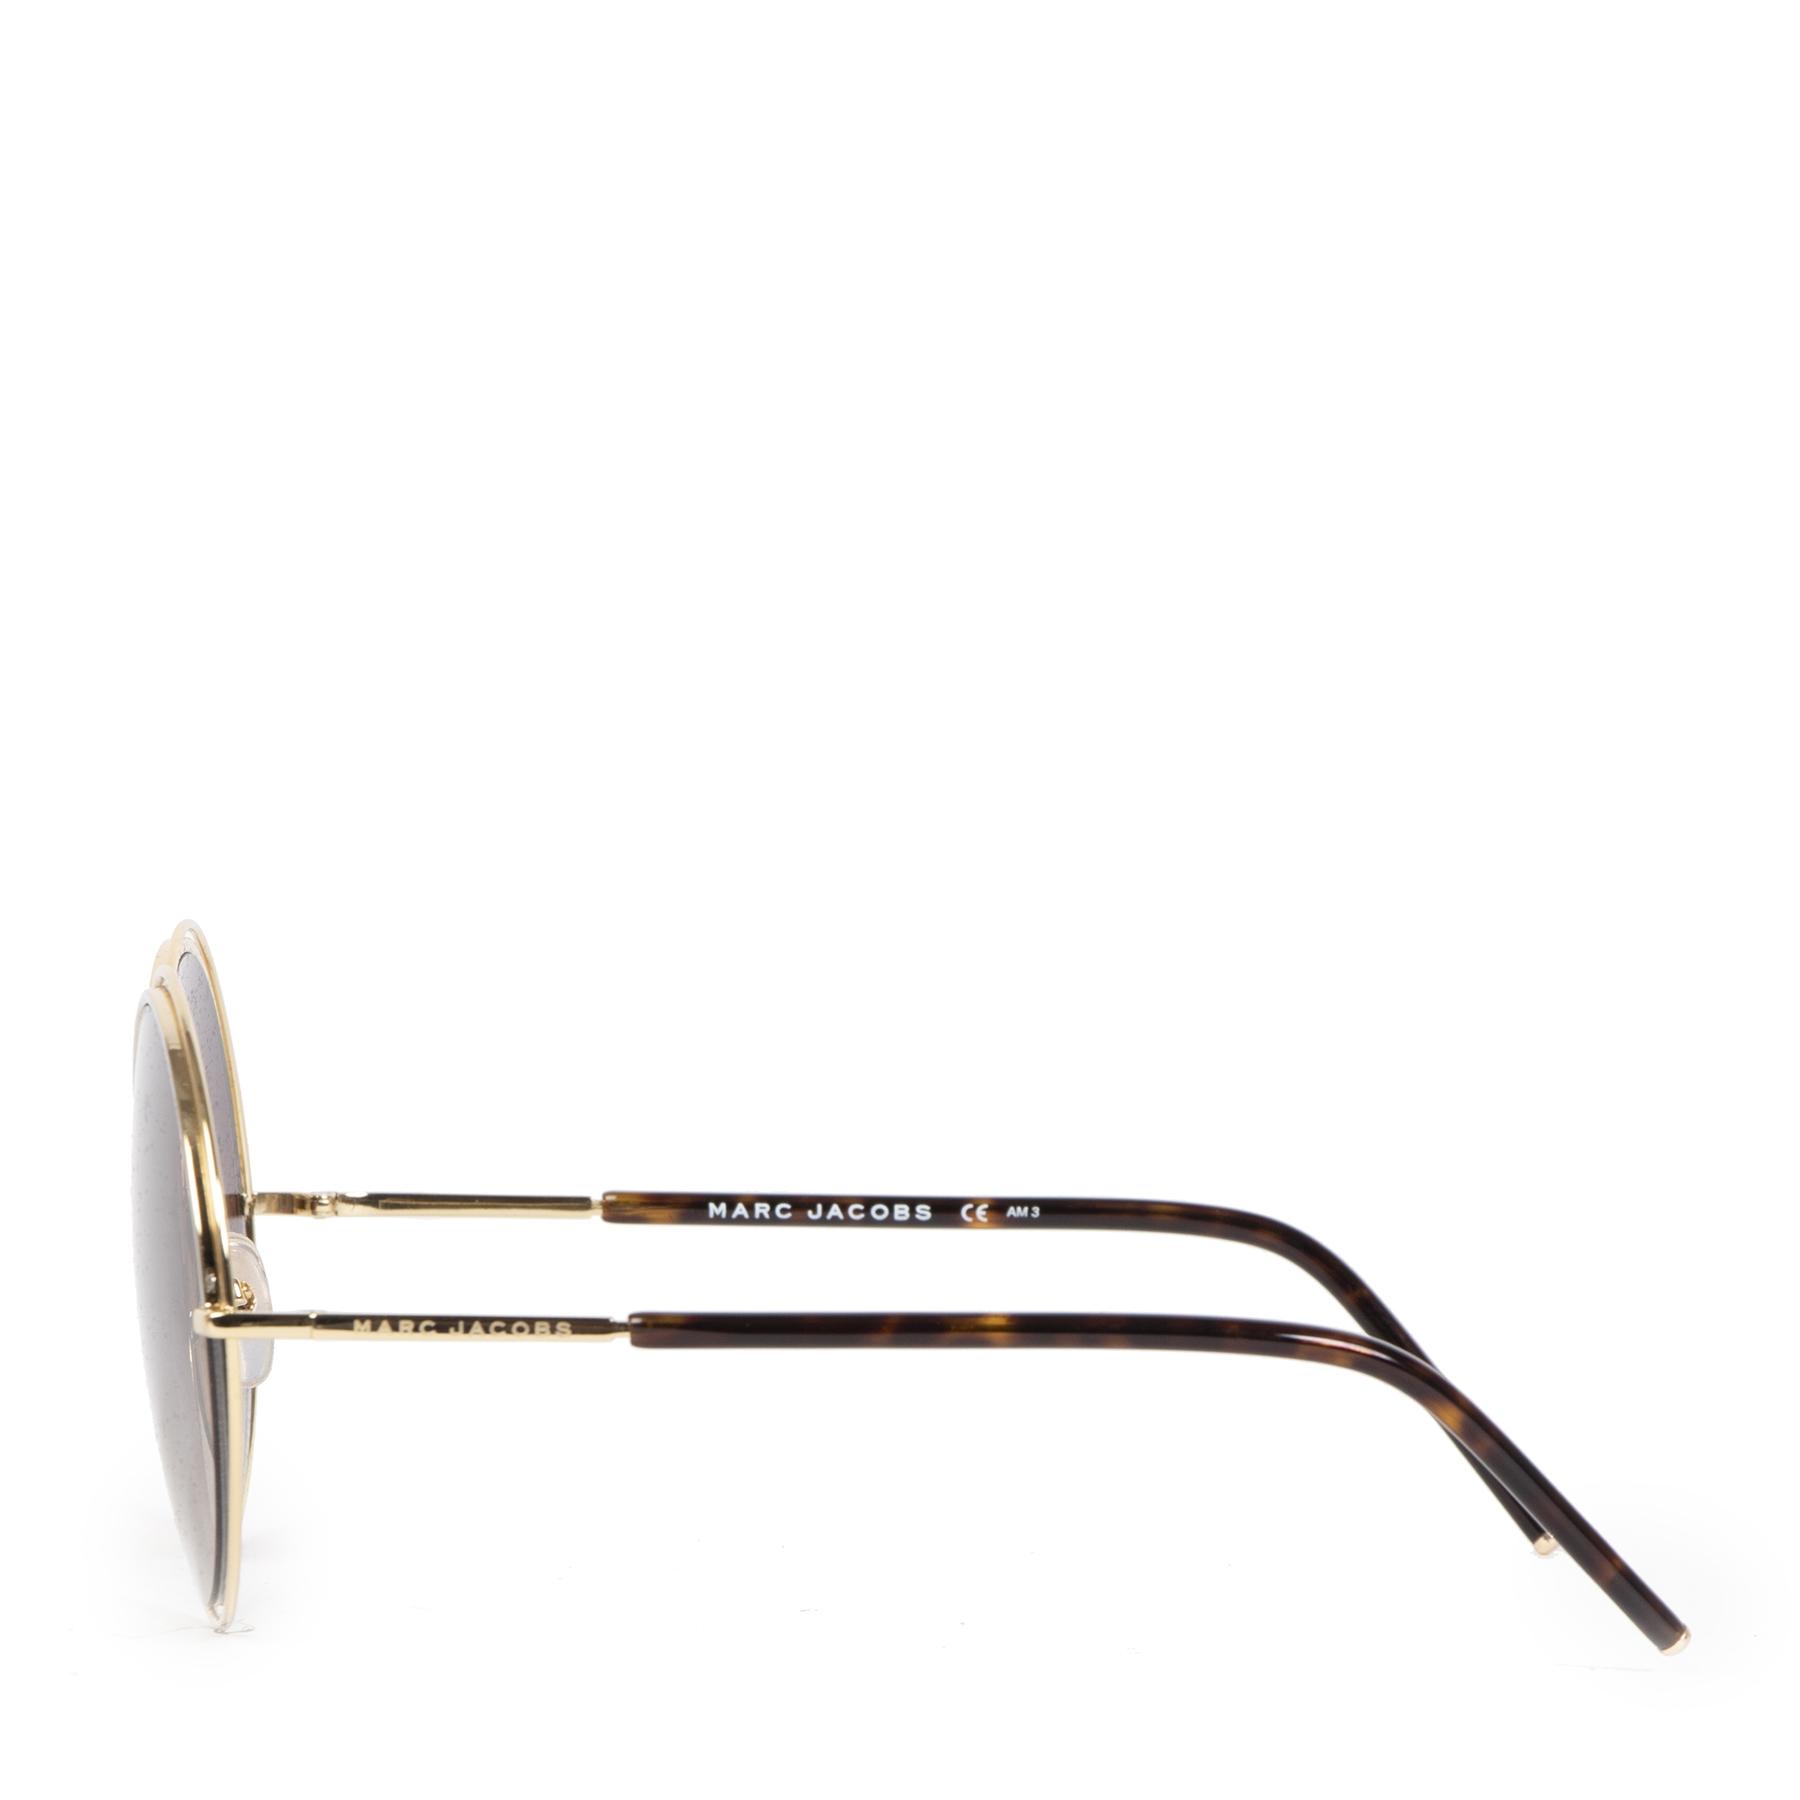 Authentieke Tweedehands Marc Jacobs Marc 11s Round Sunglasses juiste prijs veilig online shoppen luxe merken webshop winkelen Antwerpen België mode fashion